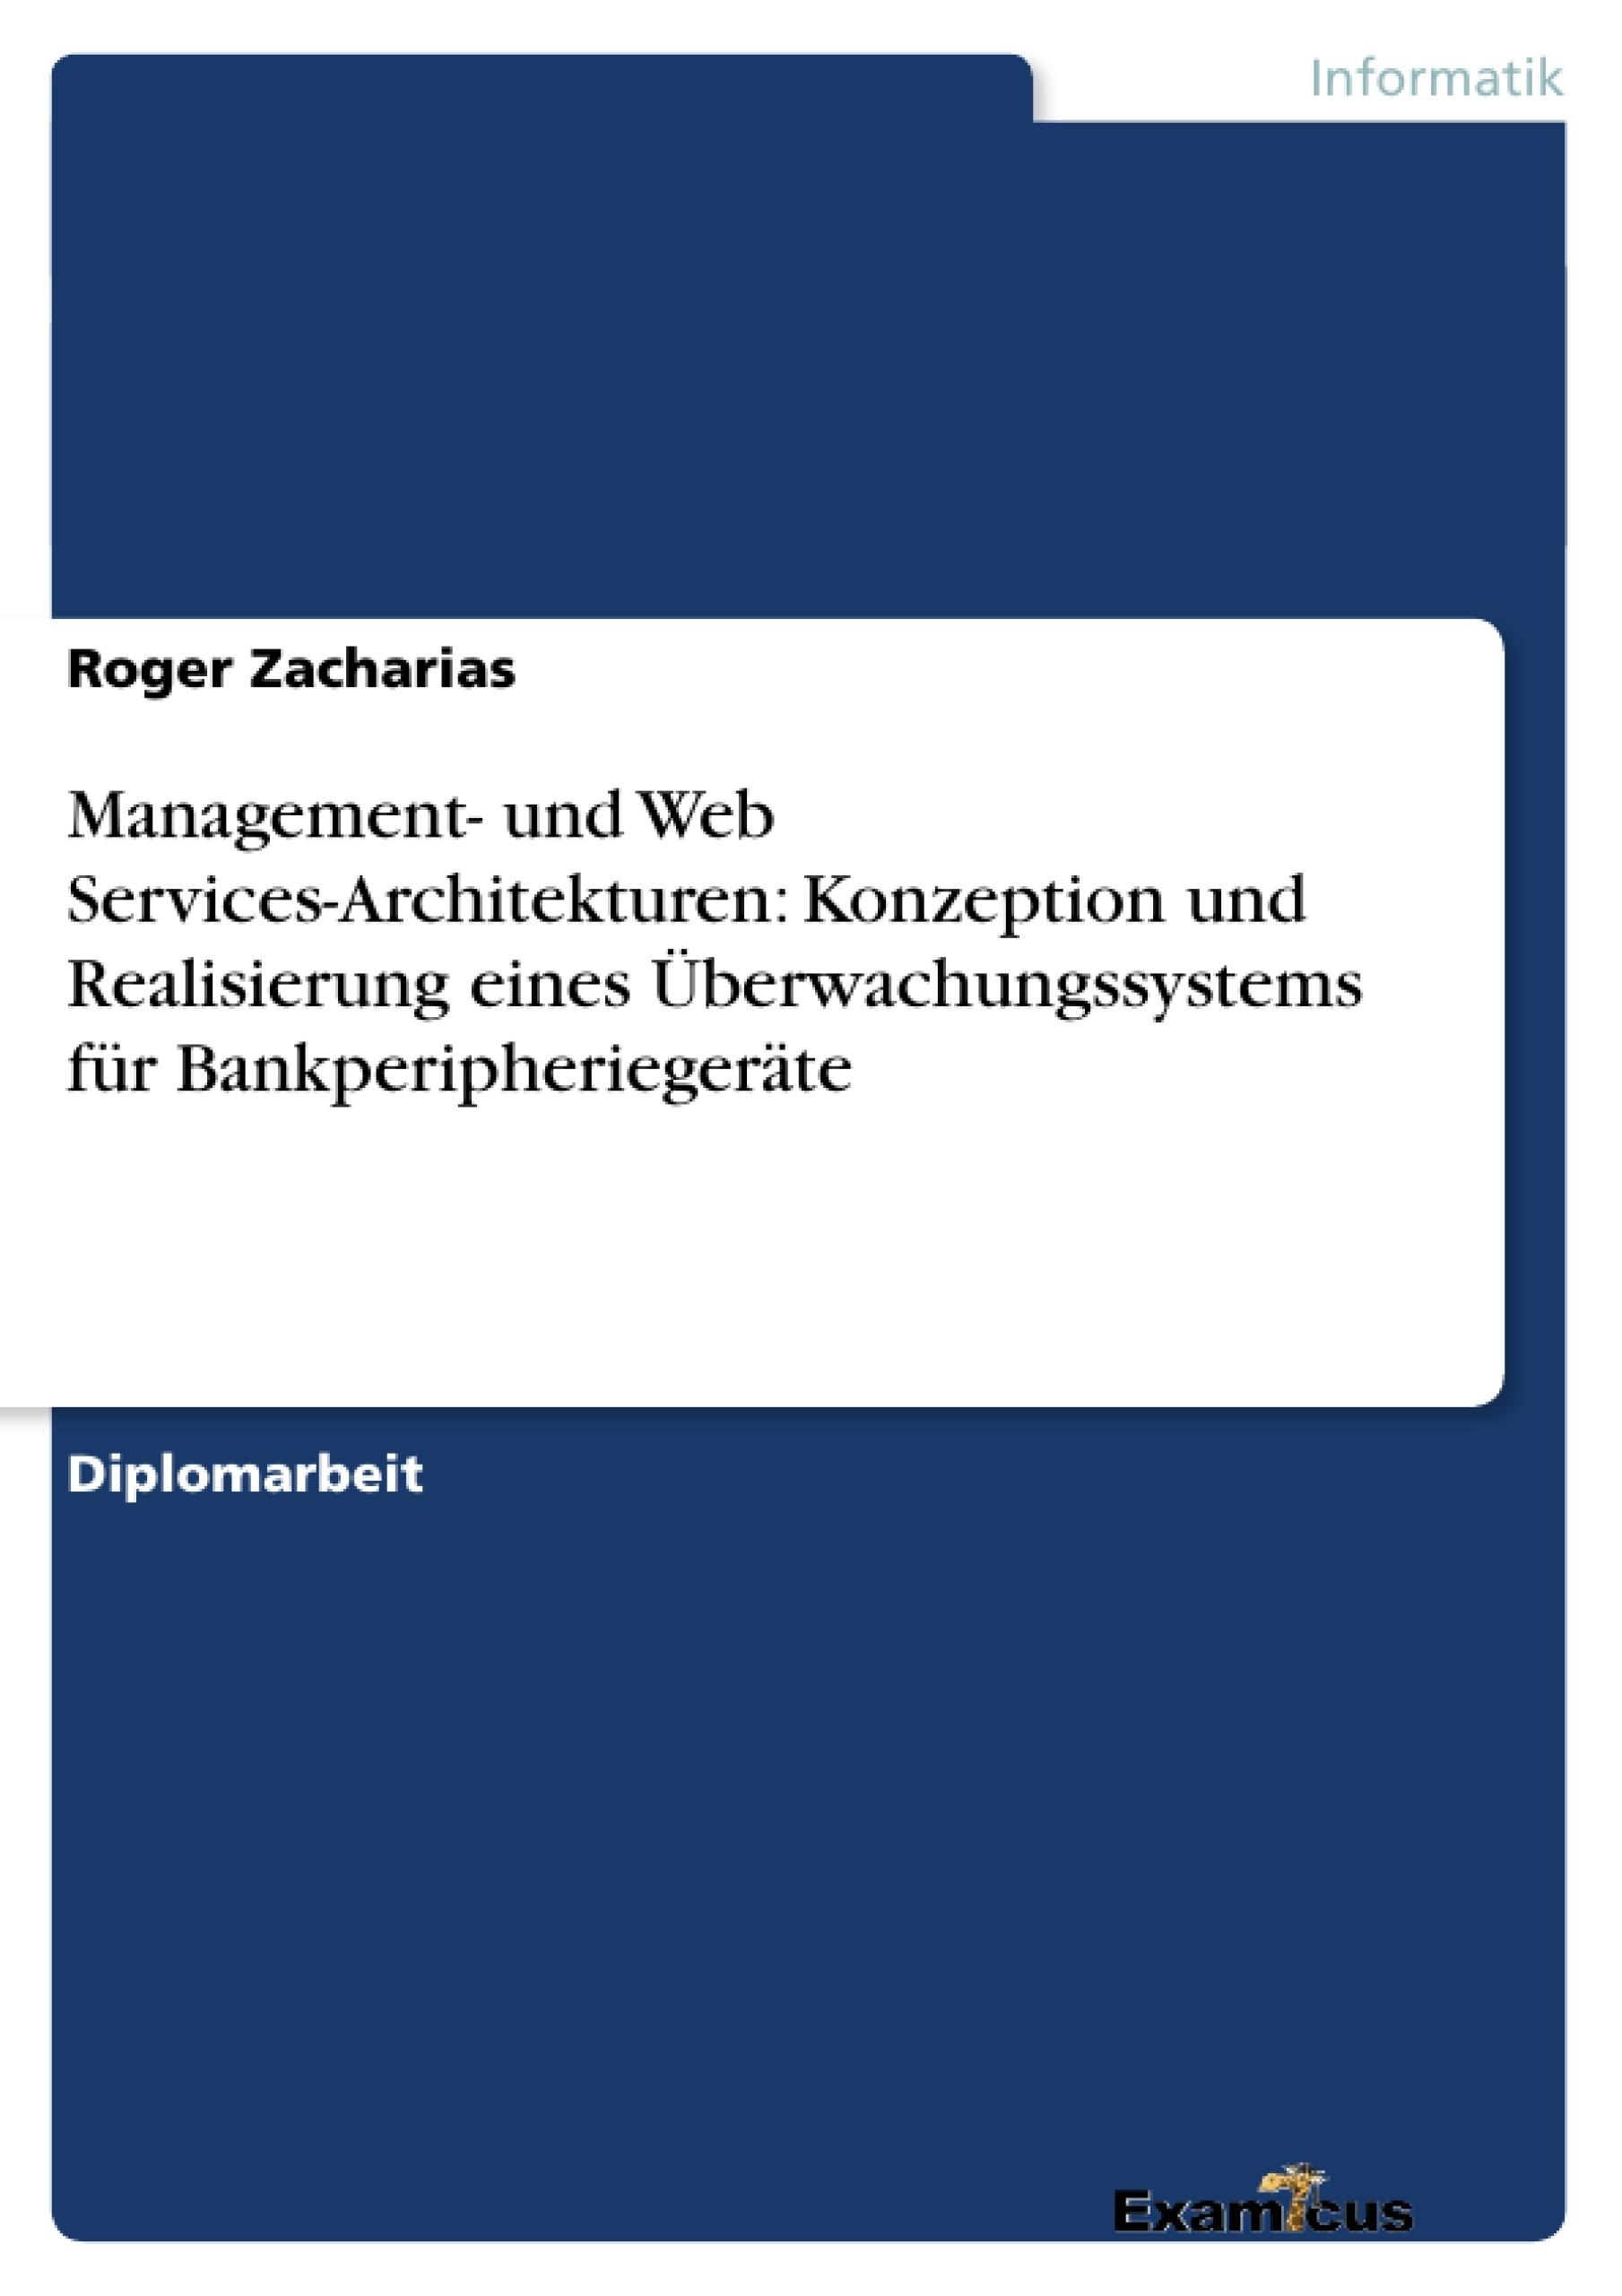 Titel: Management- und Web Services-Architekturen: Konzeption und Realisierung eines Überwachungssystems für Bankperipheriegeräte